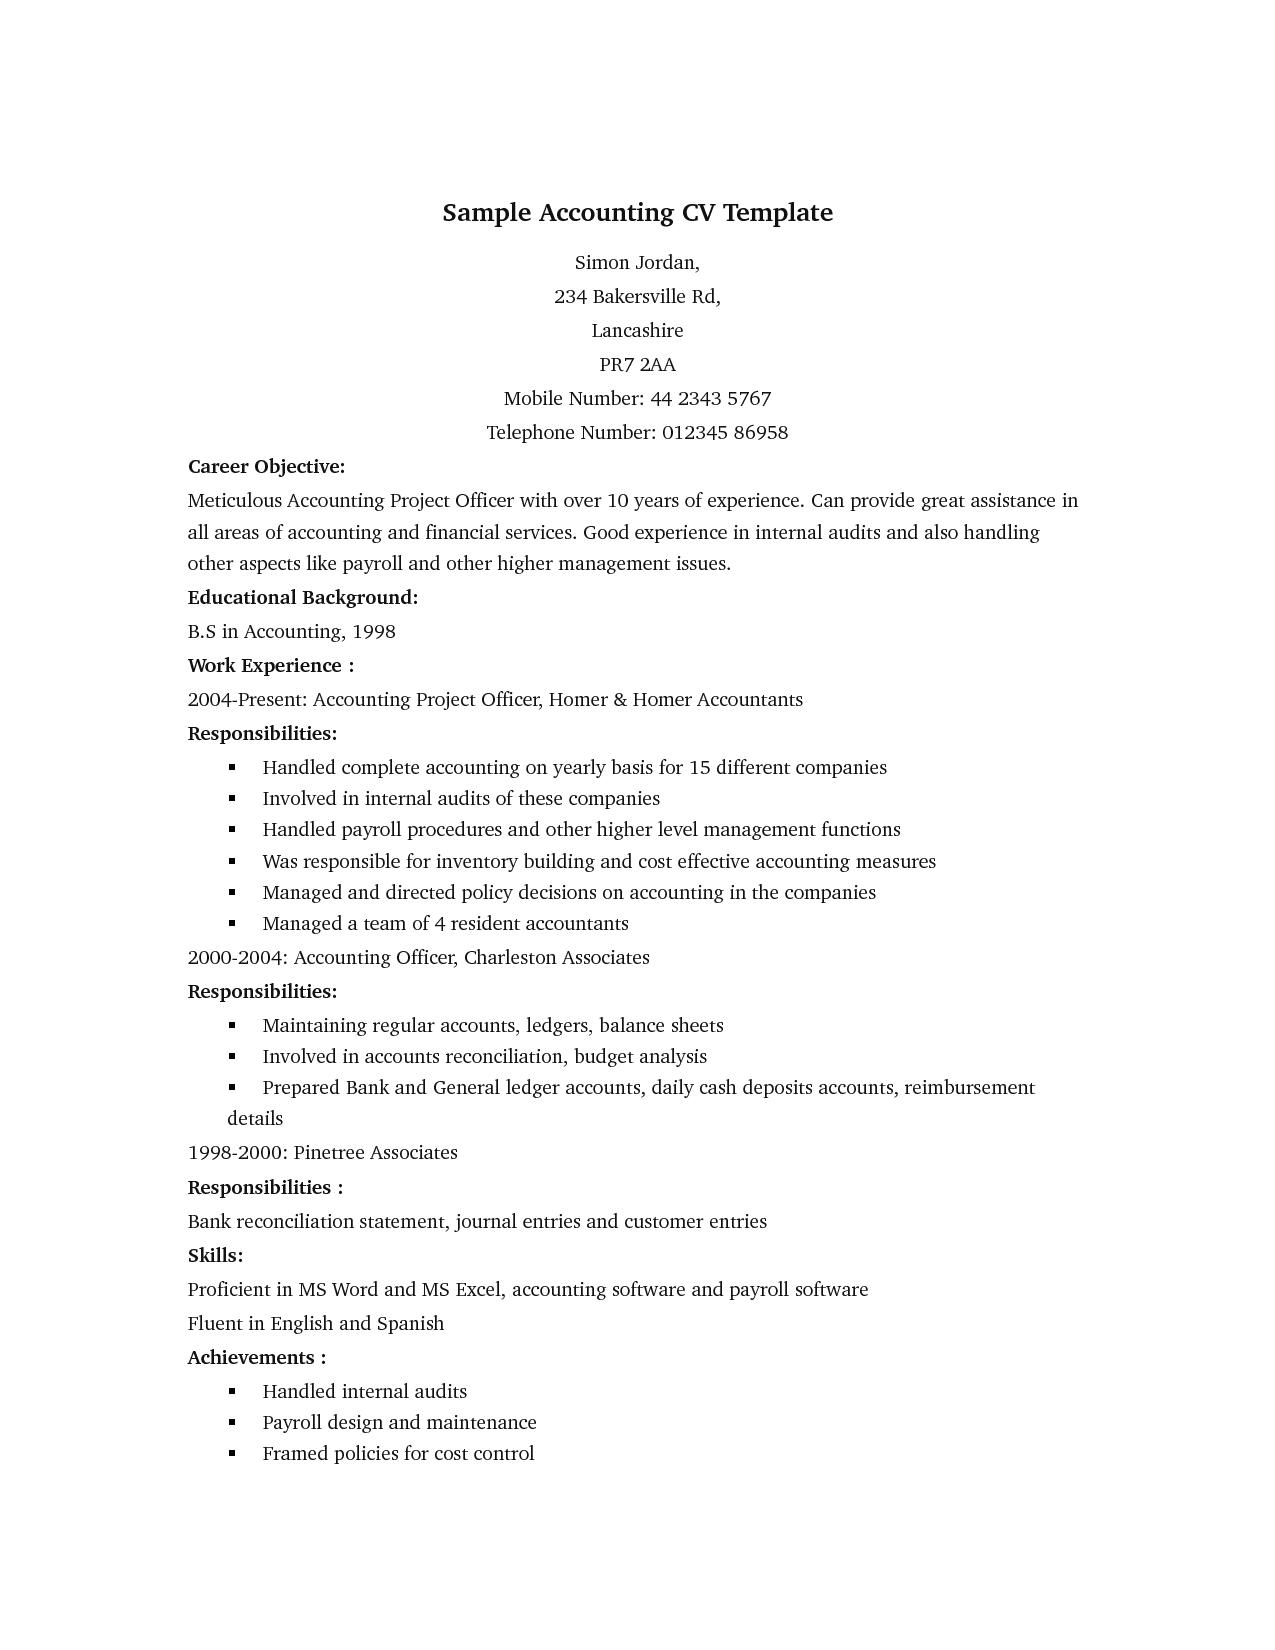 Sample Accounting Cv